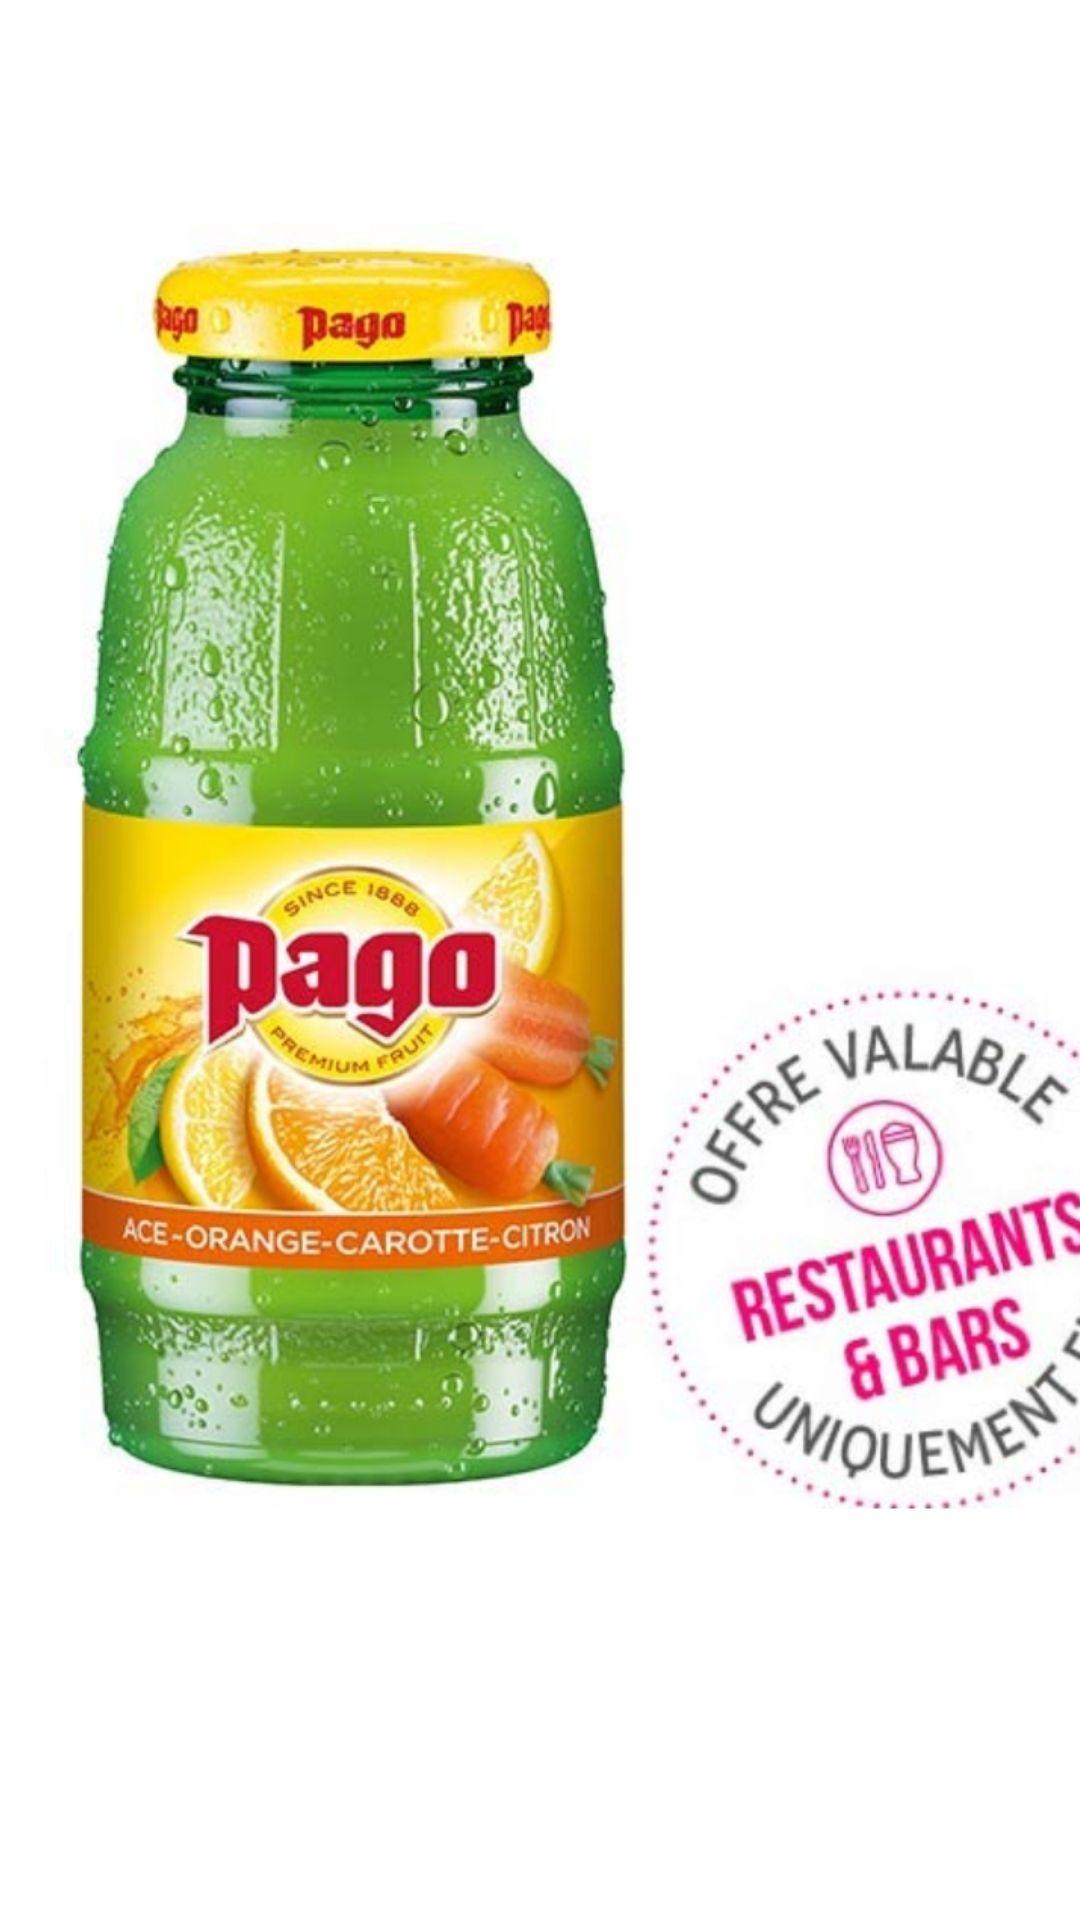 Jus Pago - 20cl (100% remboursé via Shopmium) - valable uniquement en bar ou restaurant